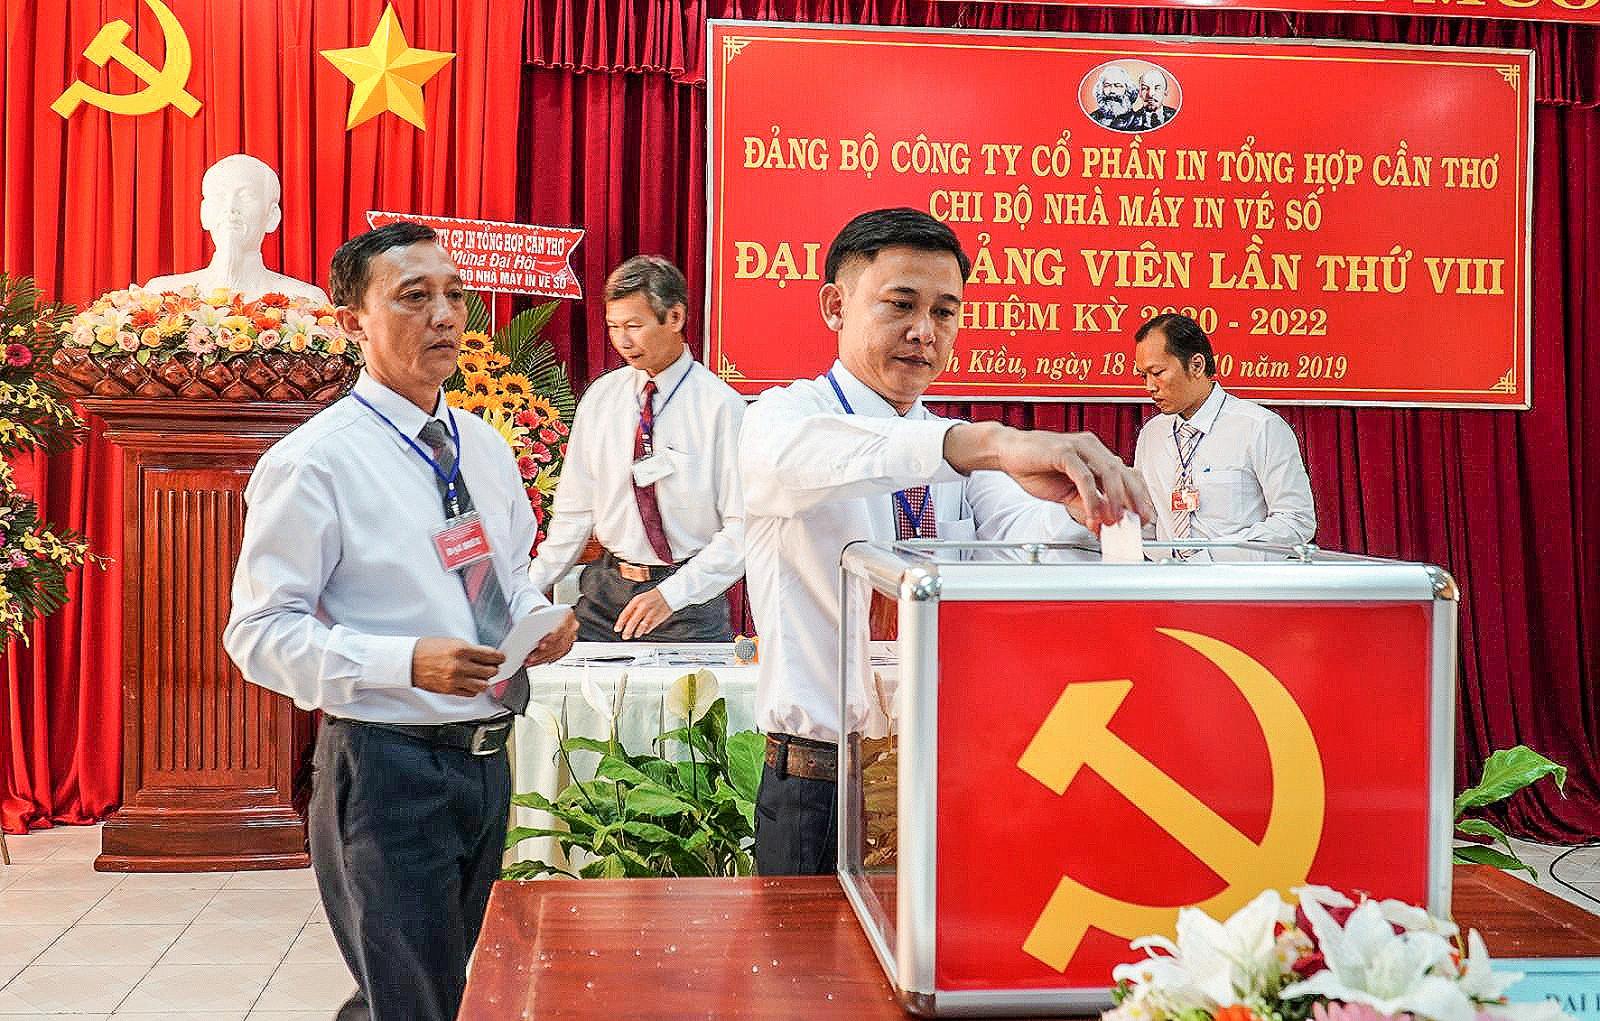 Đảm bảo công tác nhân sự ủy ban kiểm tra tại đại hội đảng bộ các cấp